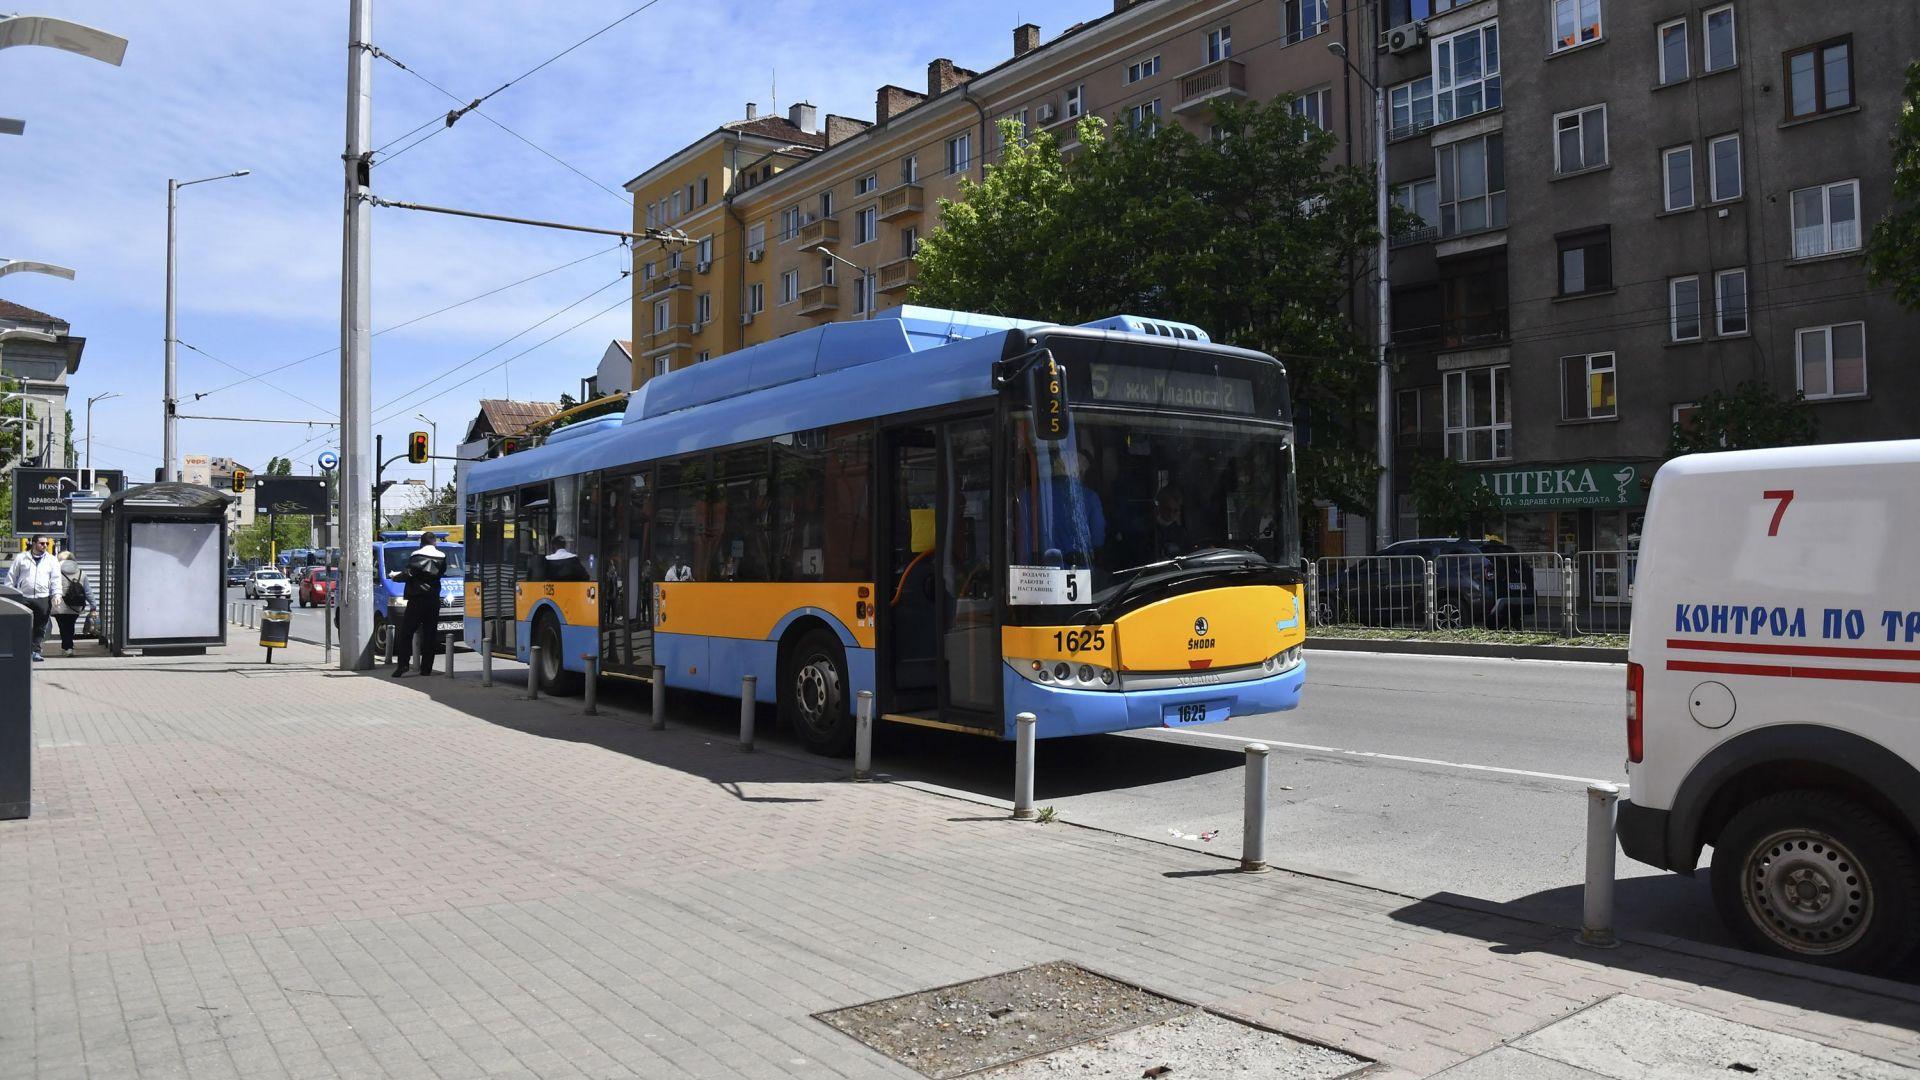 Шофьорите на градския транспорт в София отново ще продават билети